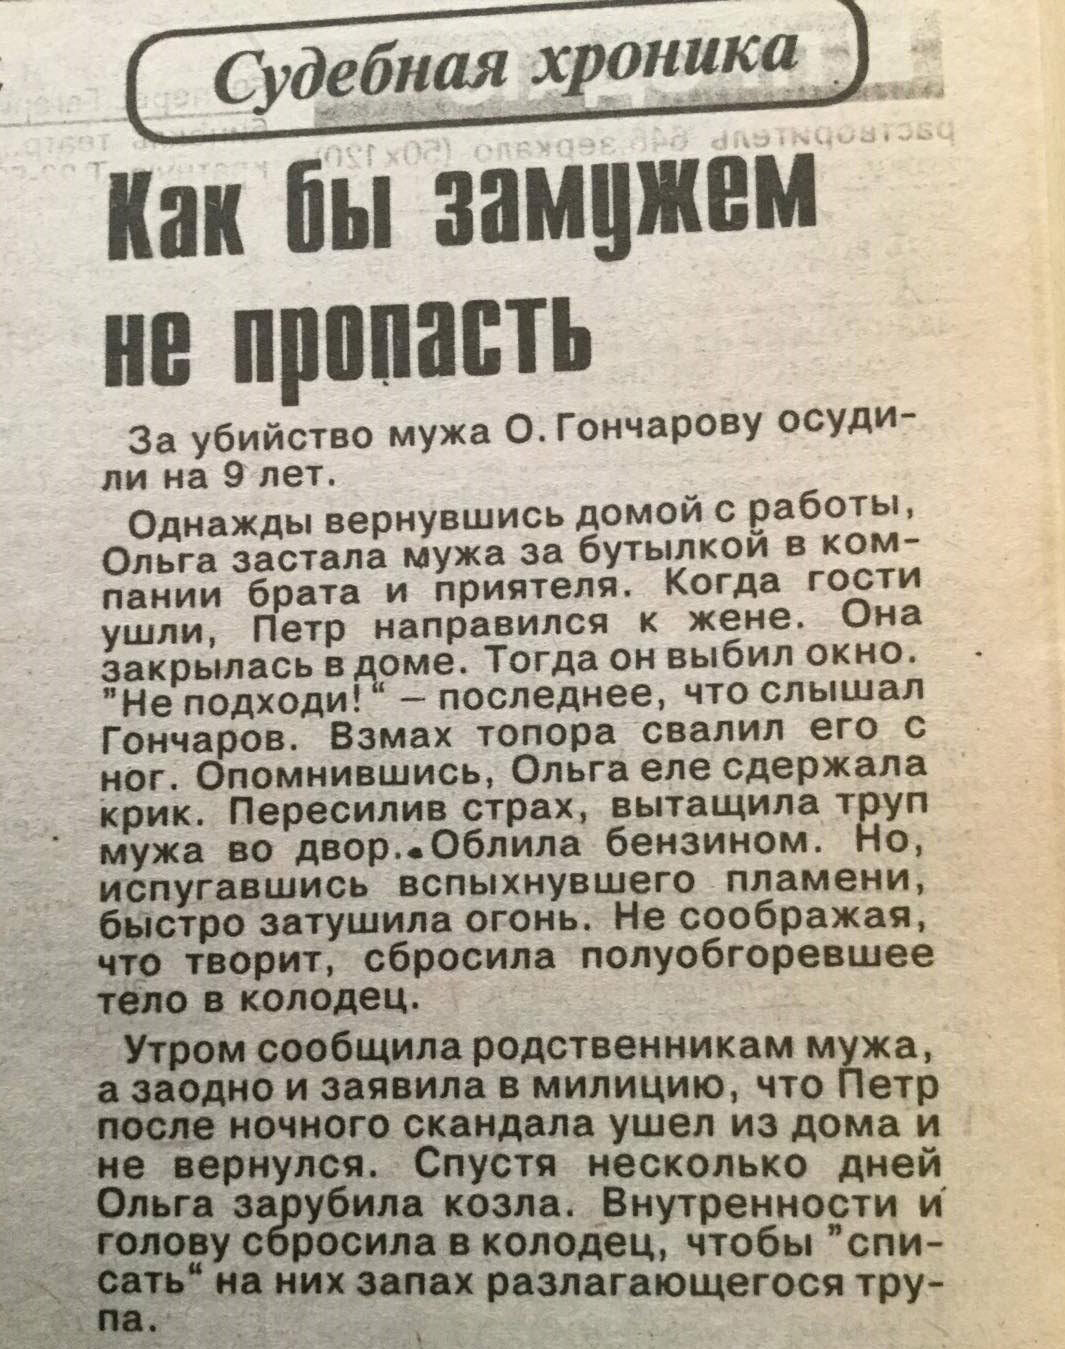 Заметка в газете от 1992 года